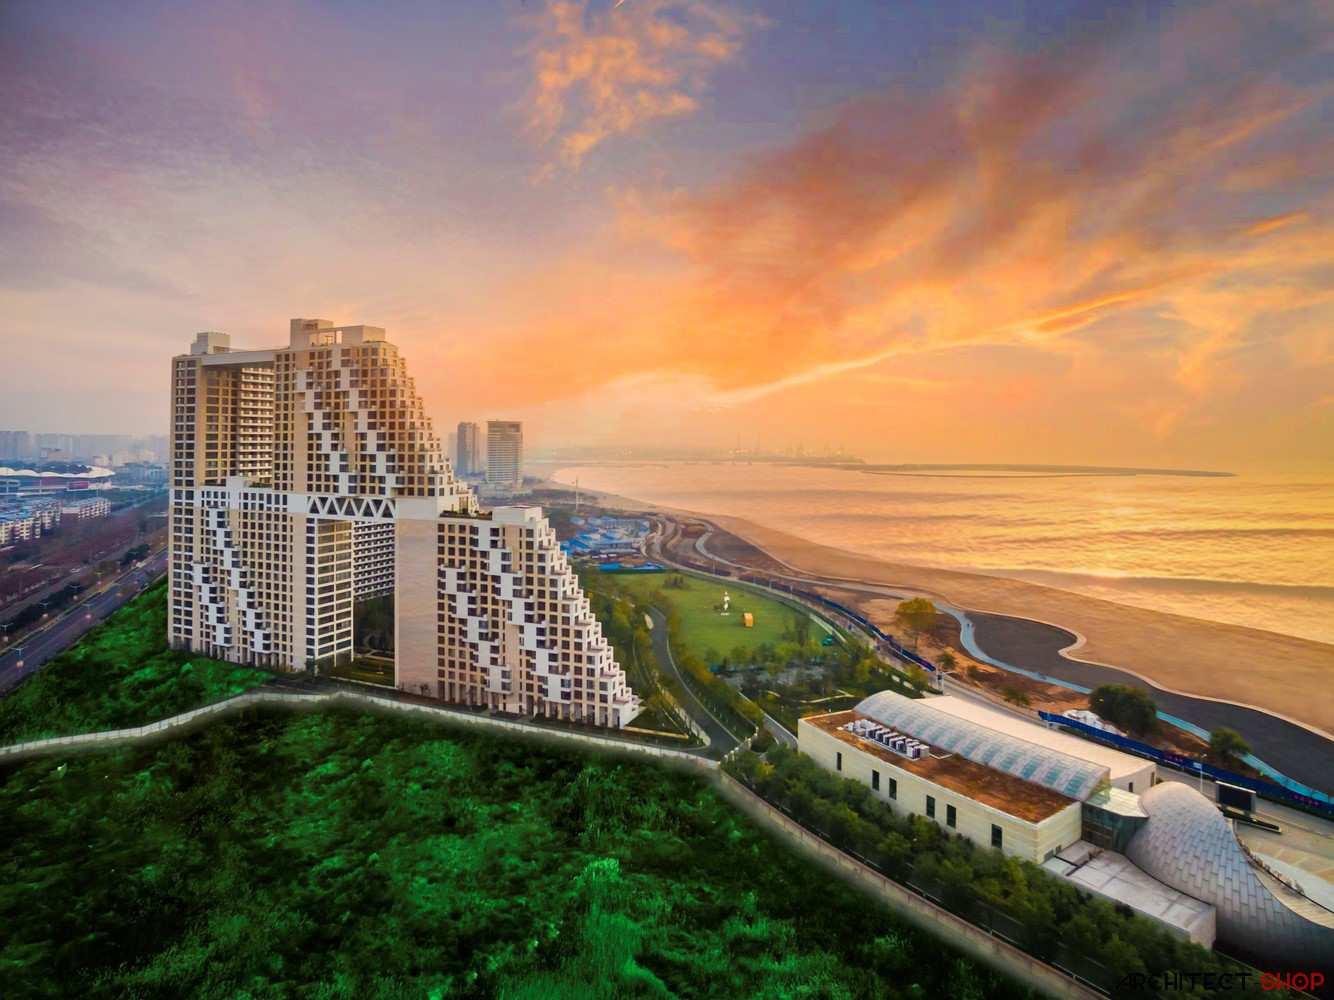 طراحی مجتمع مسکونی ساحلی در چین - Qinhuangdao Residential Complex 19